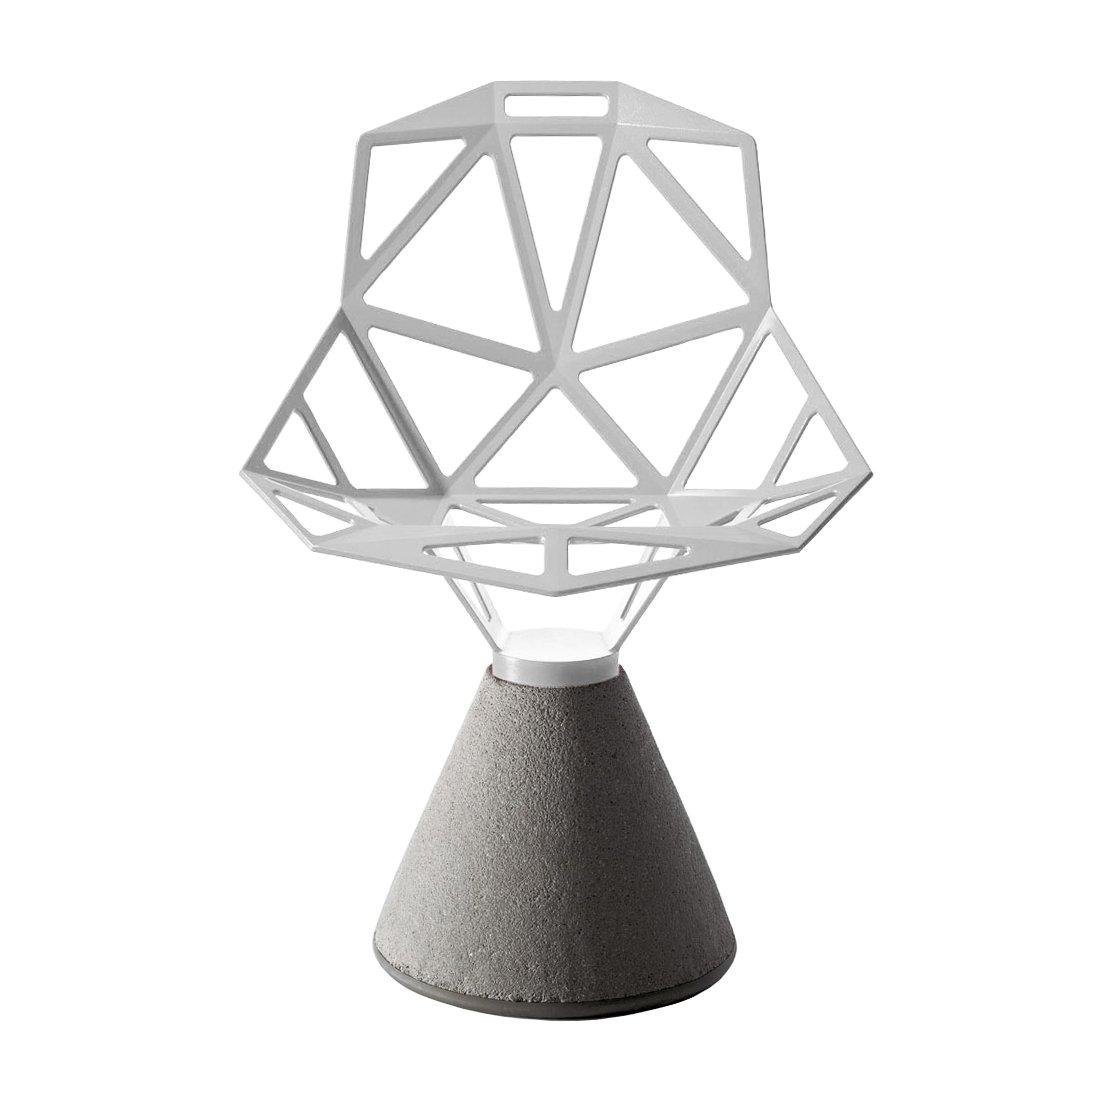 Magis Chair One Concrete Draaibaar Stoel Magis kopen